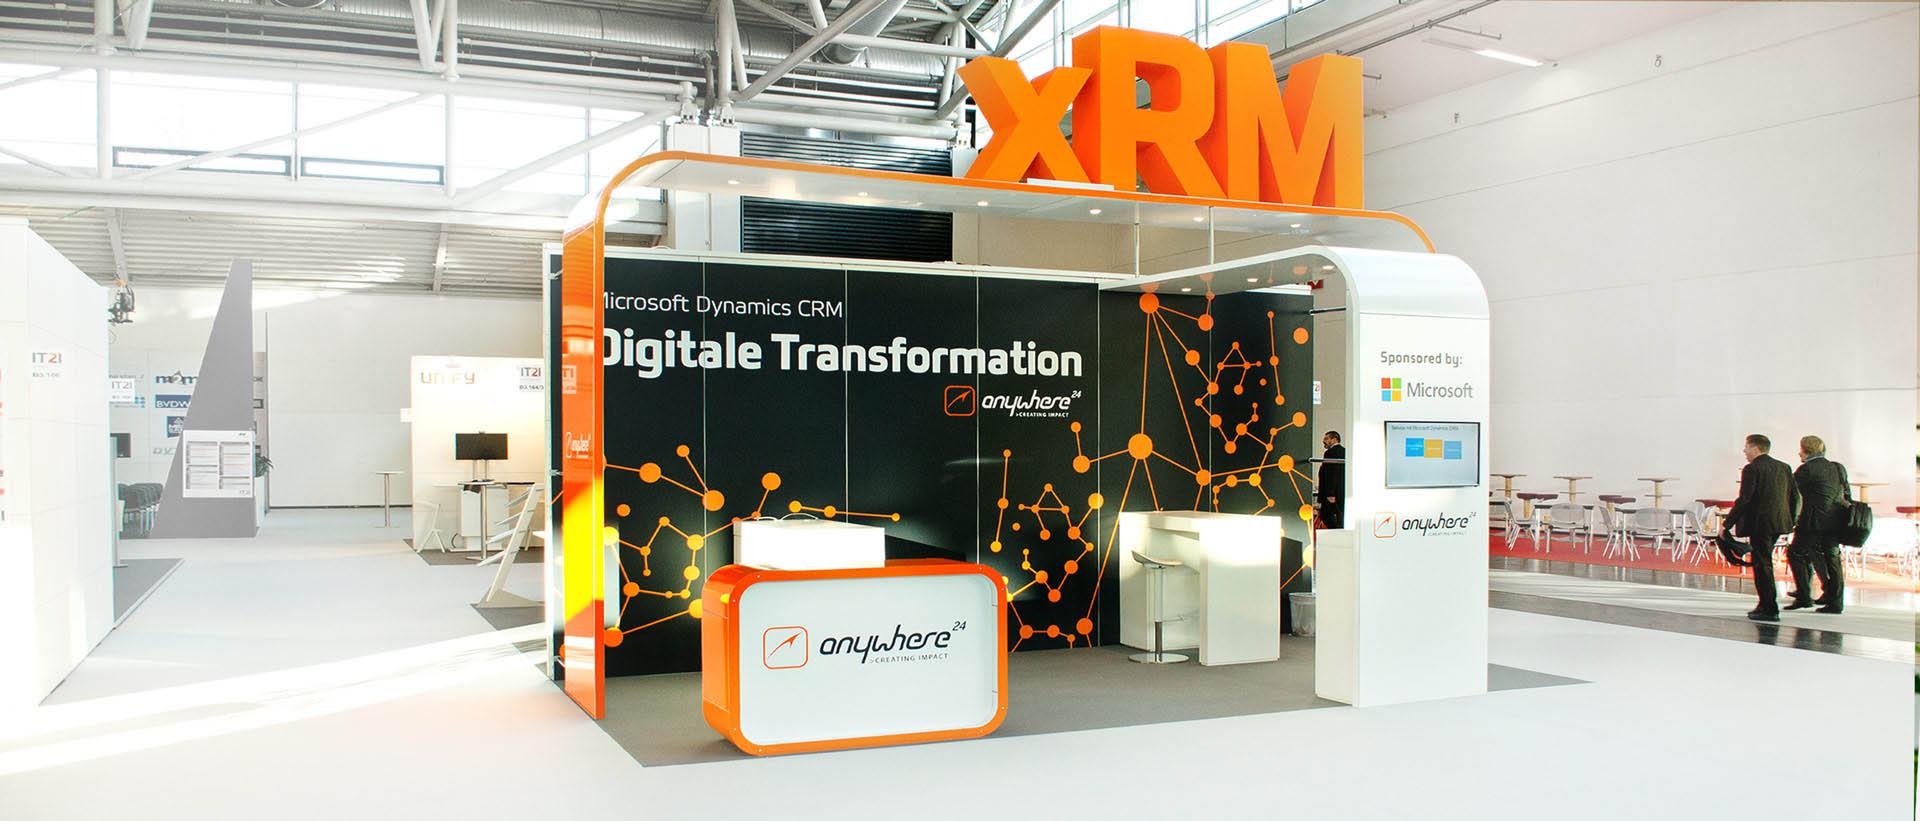 Für Anywhere.24, den renommierten xRM- und CRM-Spezialisten, konzipierte und realisierte REINGOLD den kompletten Messestand für die IT2Industry in München.